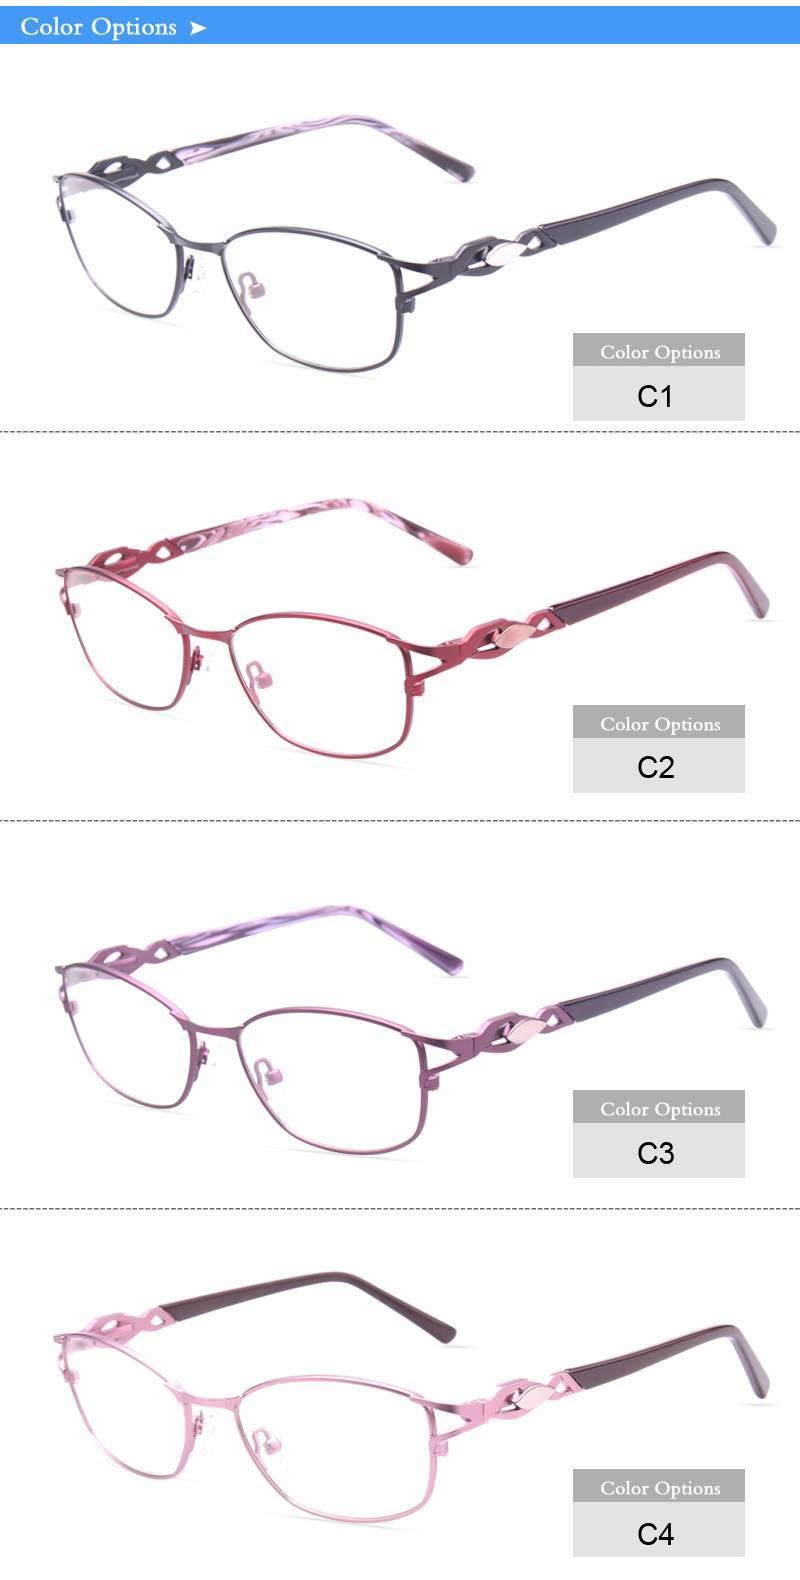 stainless steel eyeglasses frames ready in stock